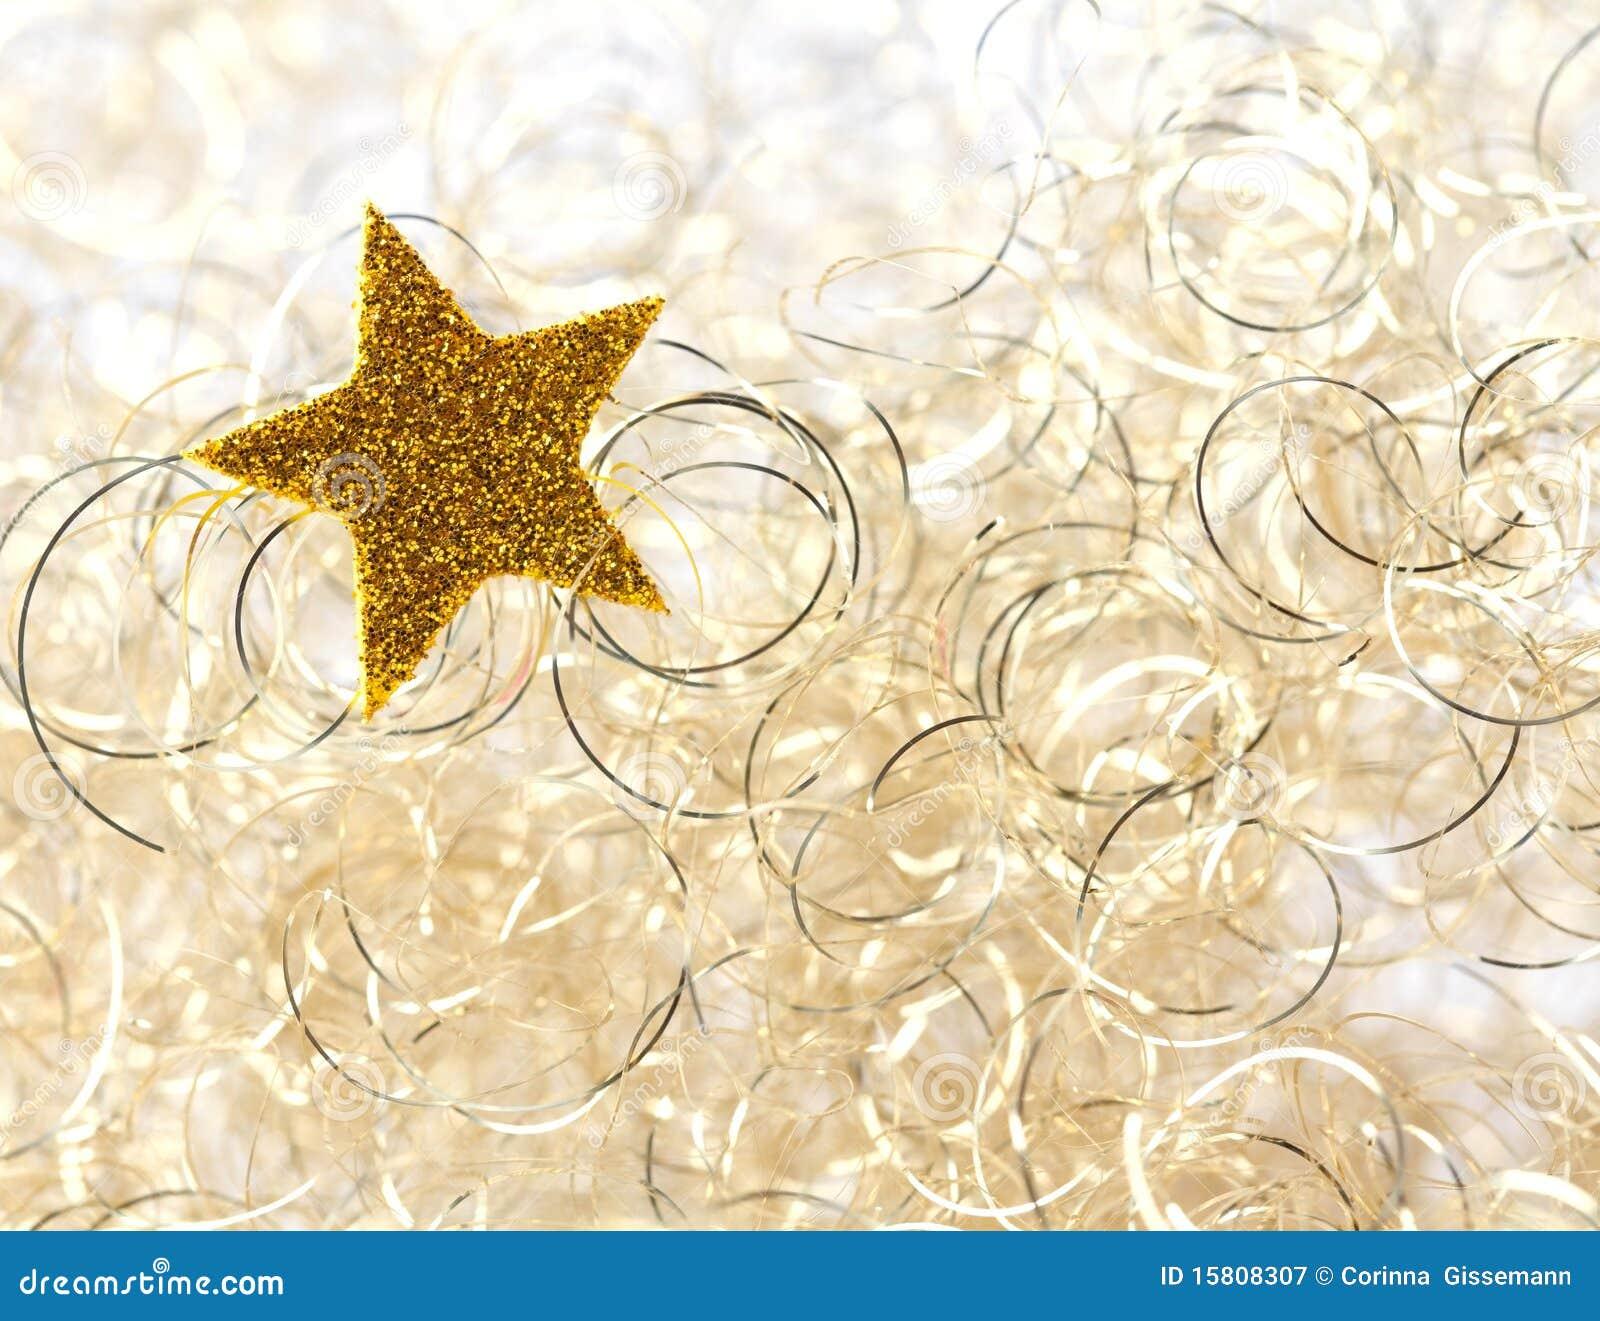 Golden star on christmas